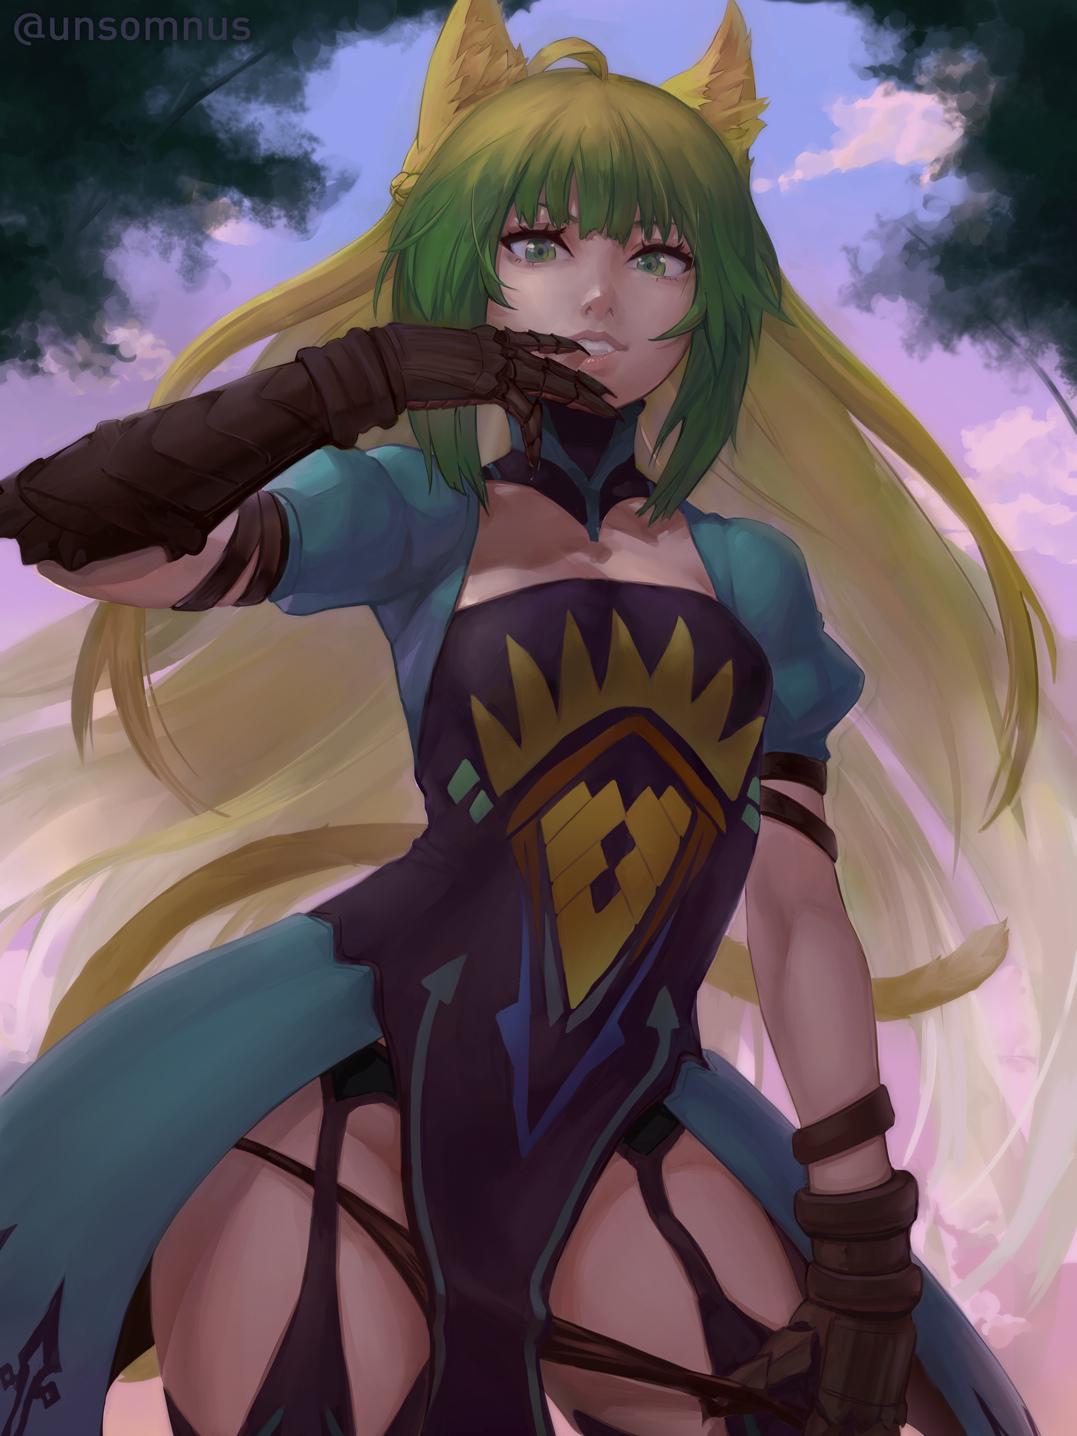 P站画师作品Fate - Atalanta